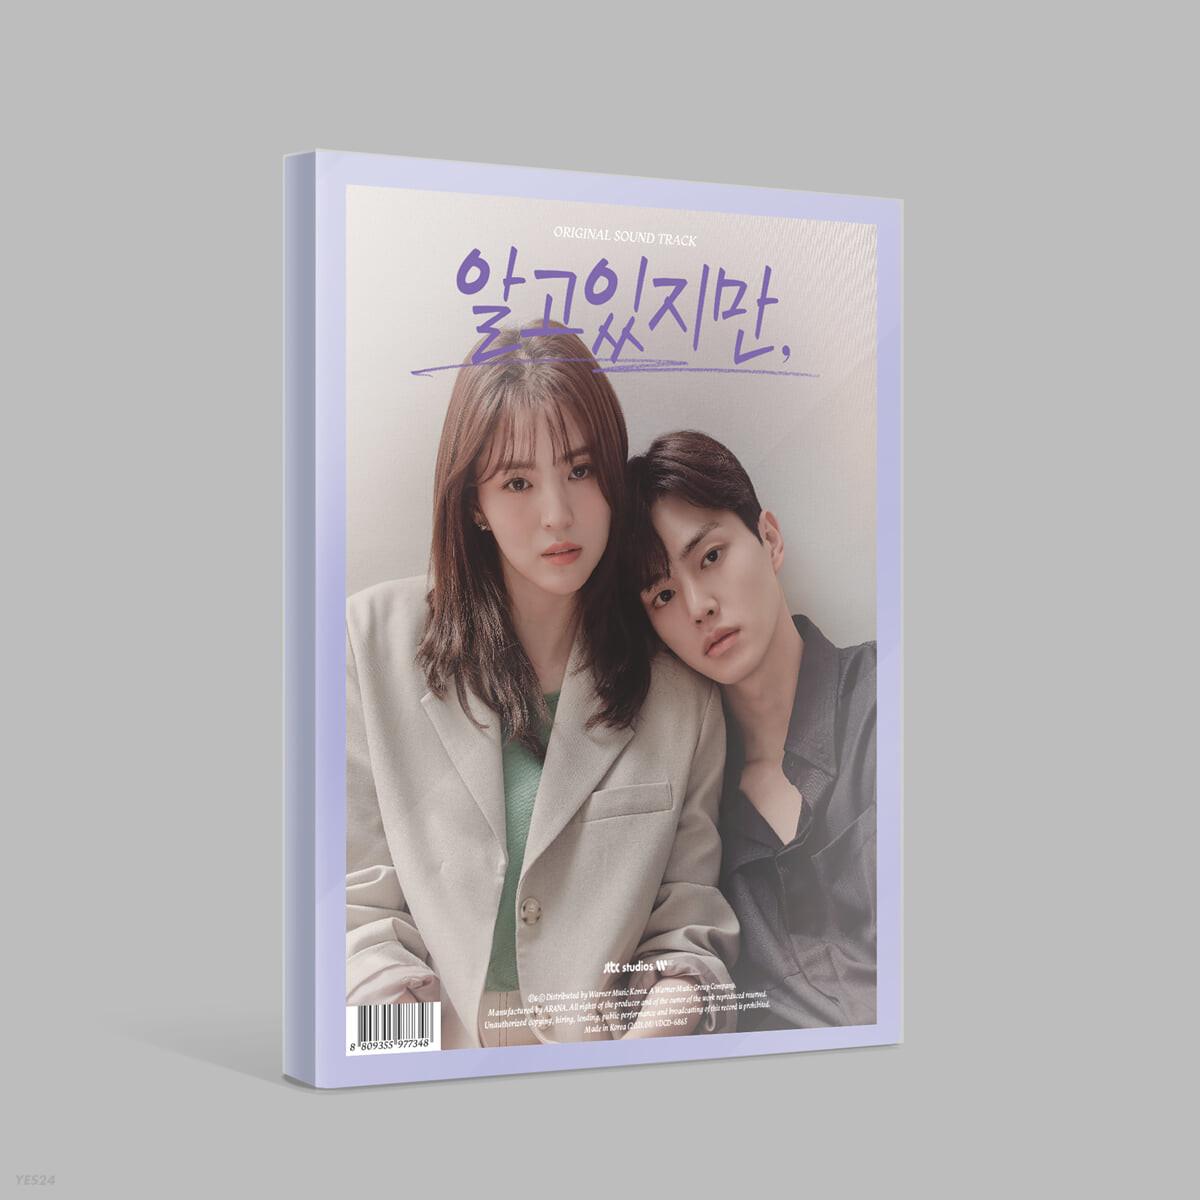 알고있지만, (JTBC 드라마) OST